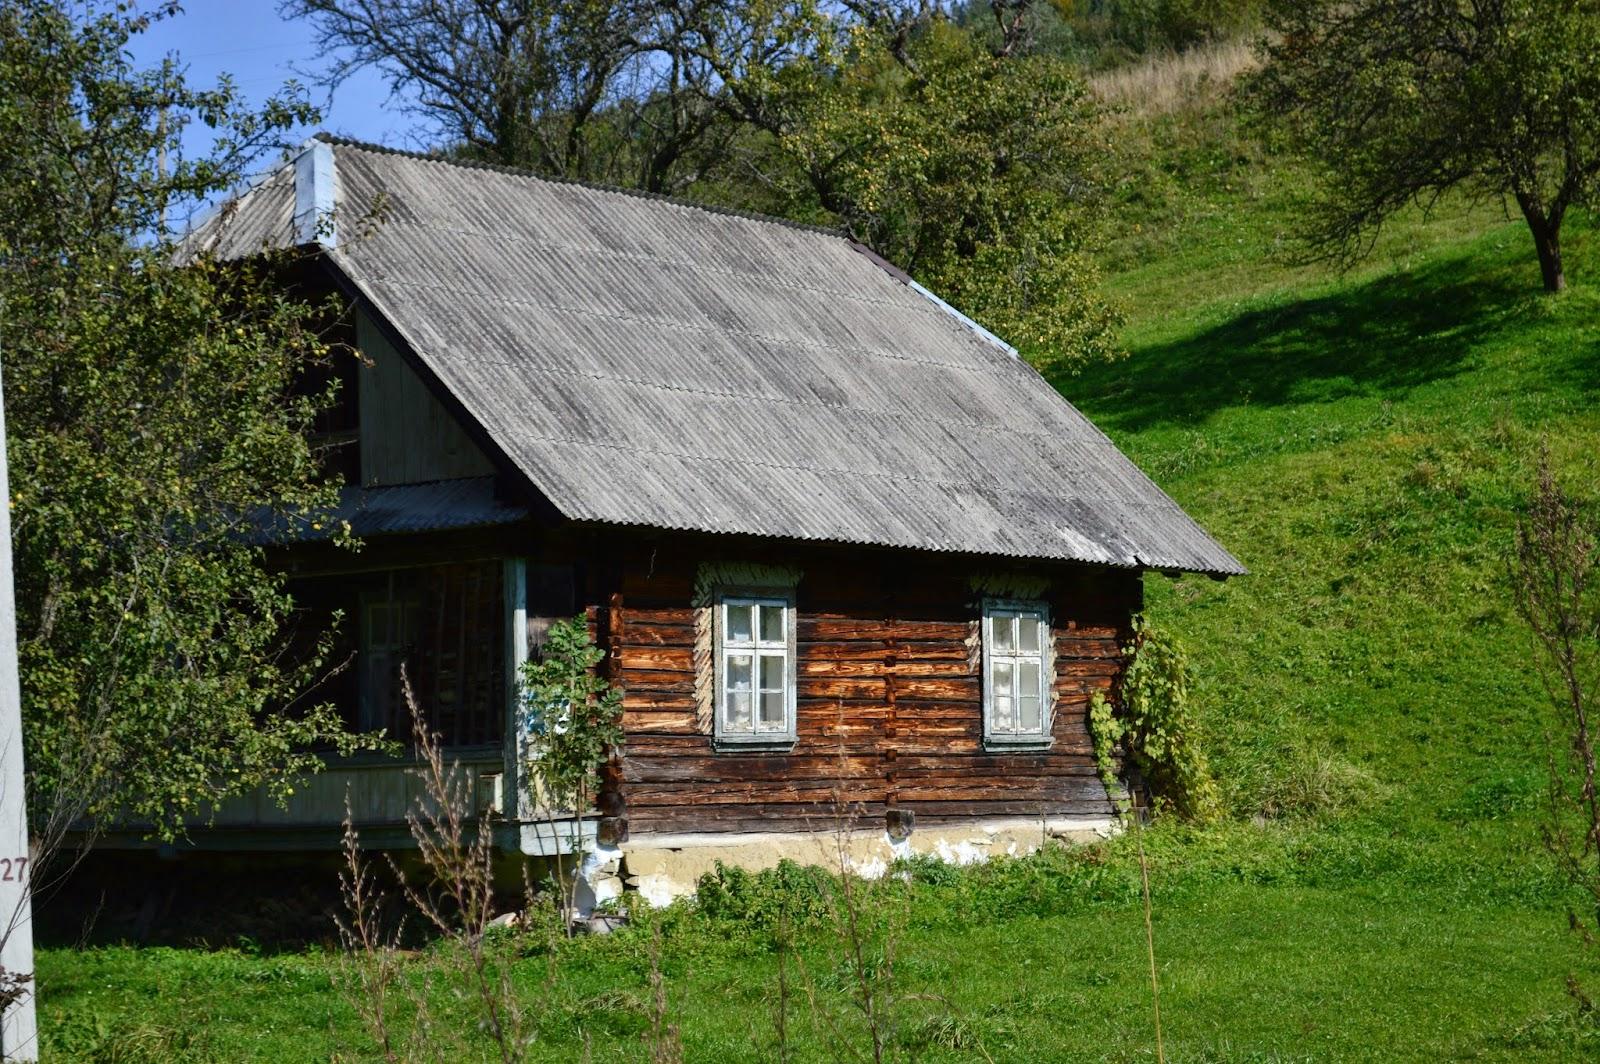 Отдых в Орявчике, Гостиница Виват отзывы в Карпатах, Виват отзывы, картаты в украине, творческий блог